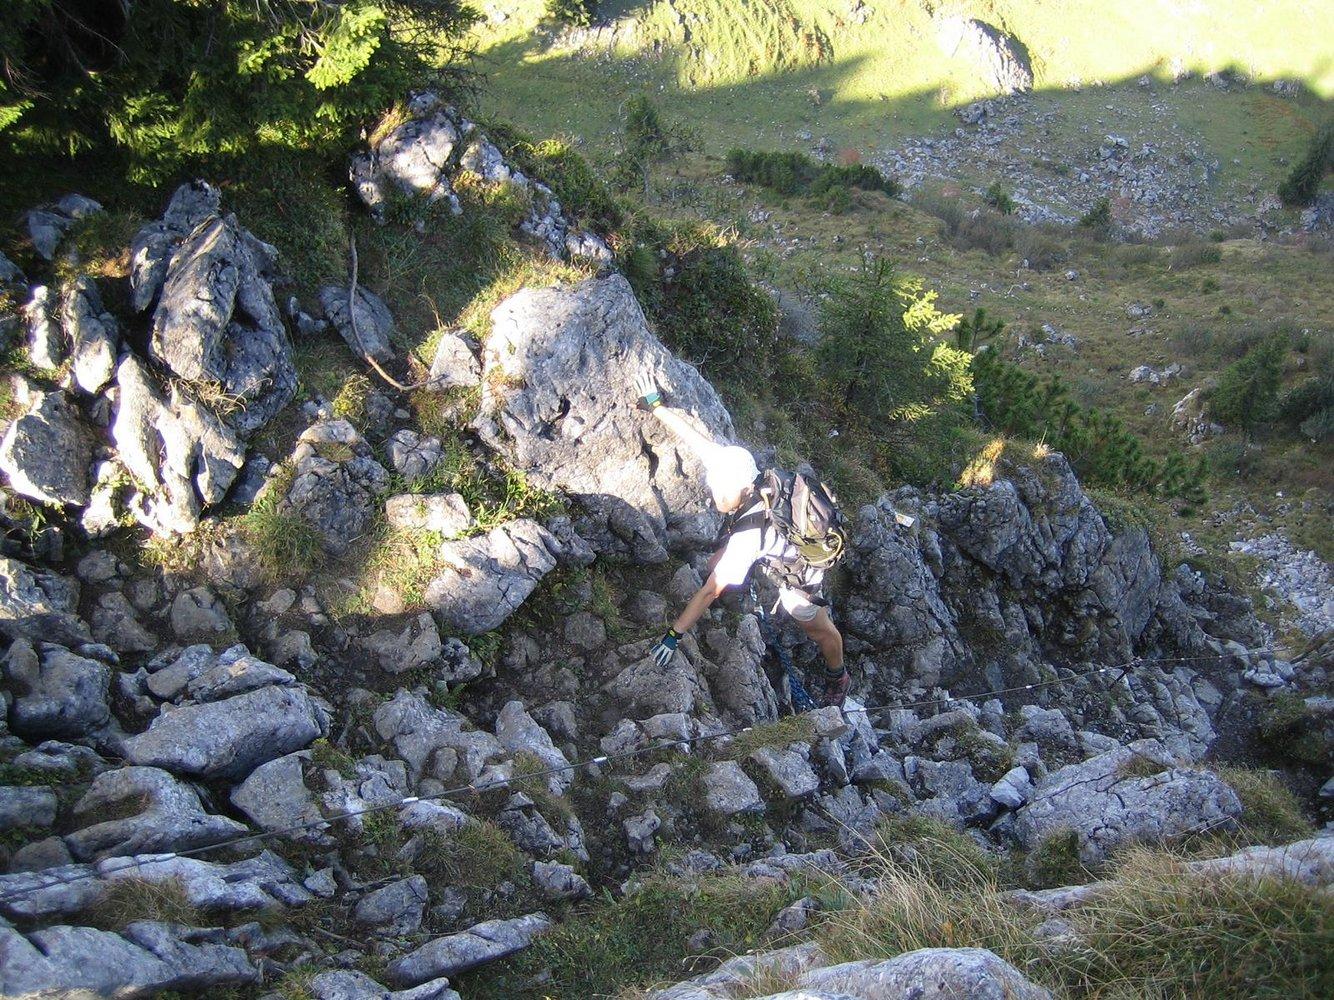 Klettersteig Immenstadt : Besler klettersteig bergsteigen